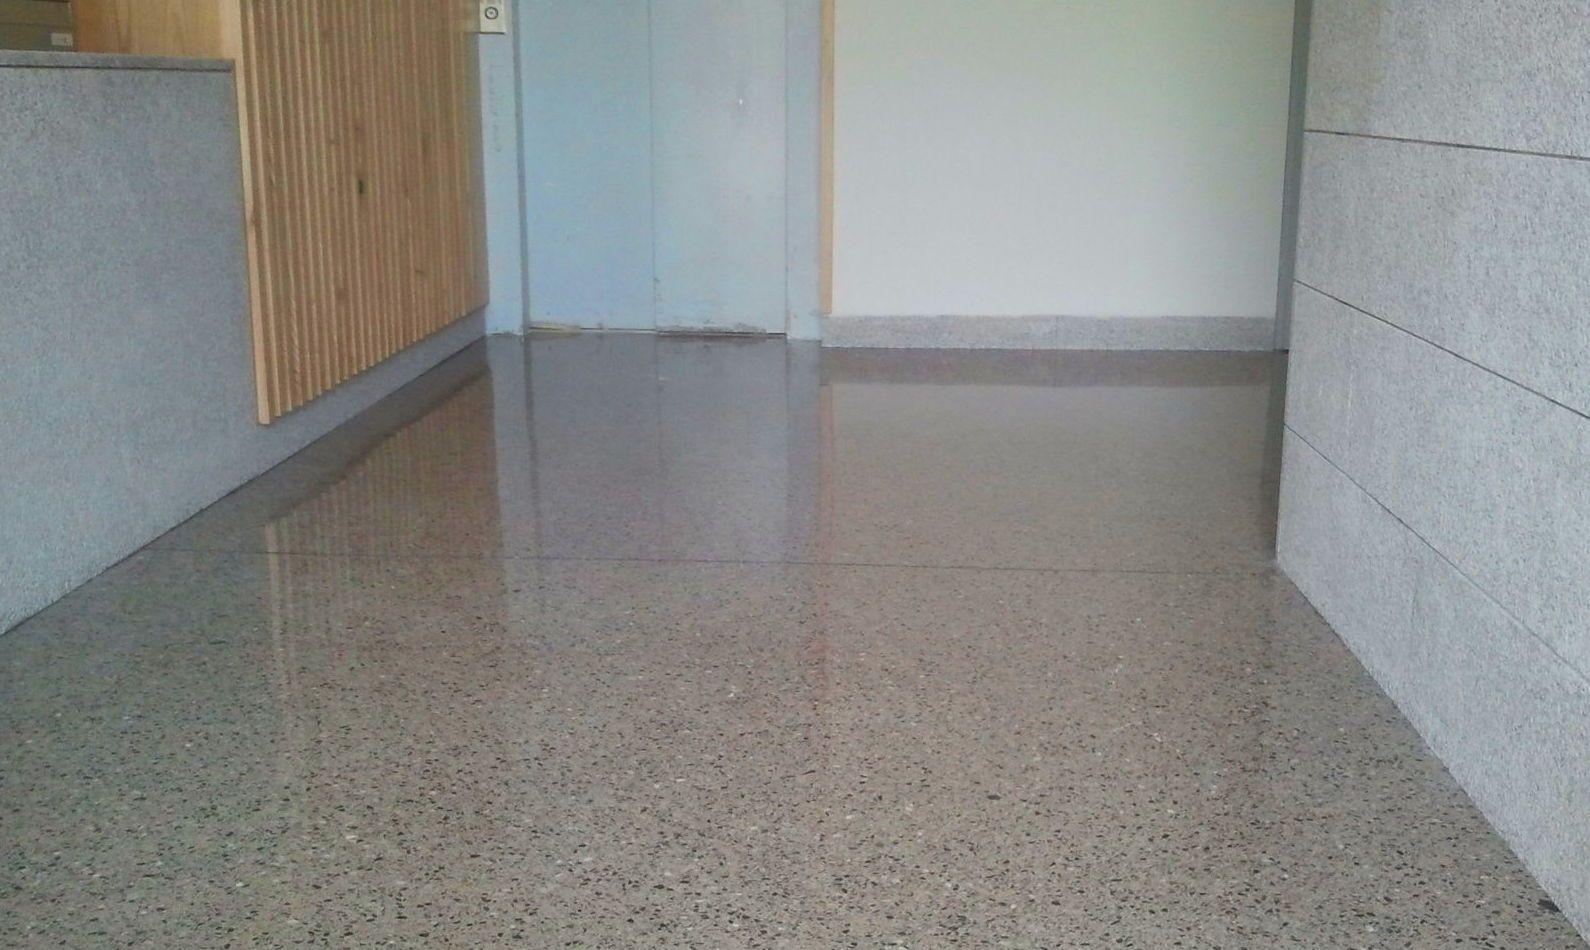 Pulido de suelos en asturias pulidos rub - Suelos hormigon pulido ...